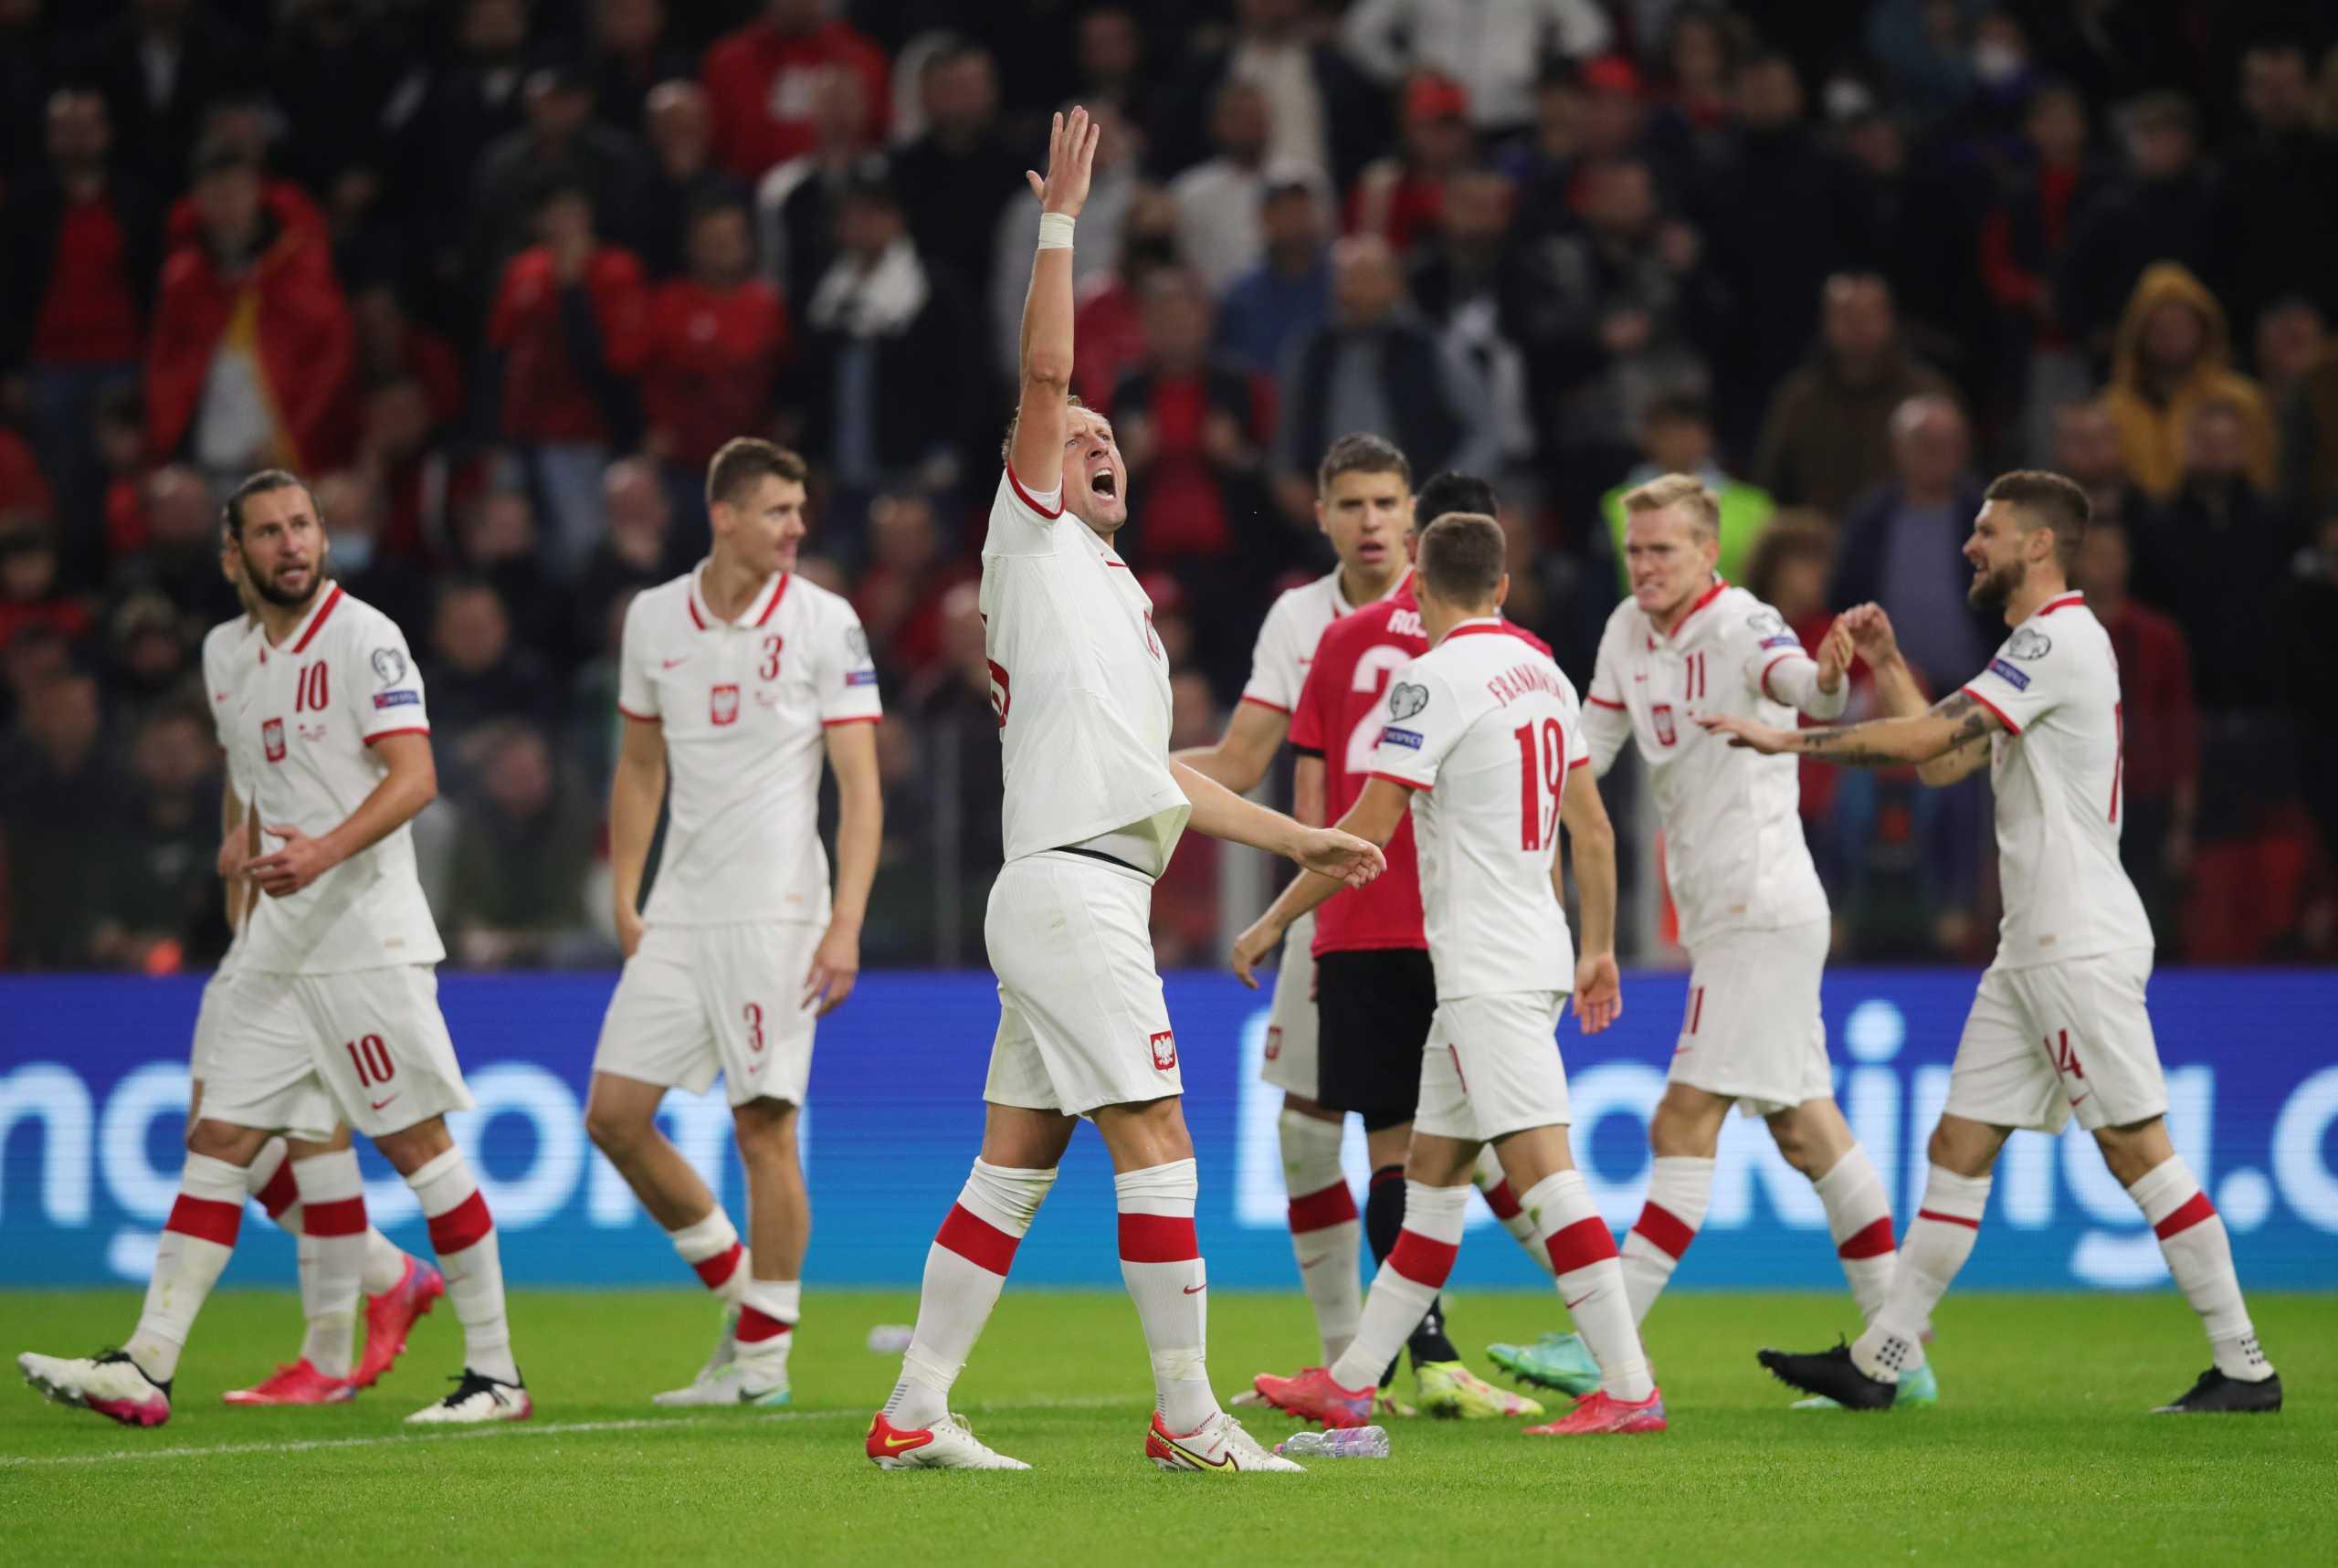 Προκριματικά Μουντιάλ 2022: Προκρίθηκε η Δανία, χατ-τρικ ο Κριστιάνο Ρονάλντο, «διπλό» με Σφιντέρσκι και ρίψη αντικειμένων η Πολωνία